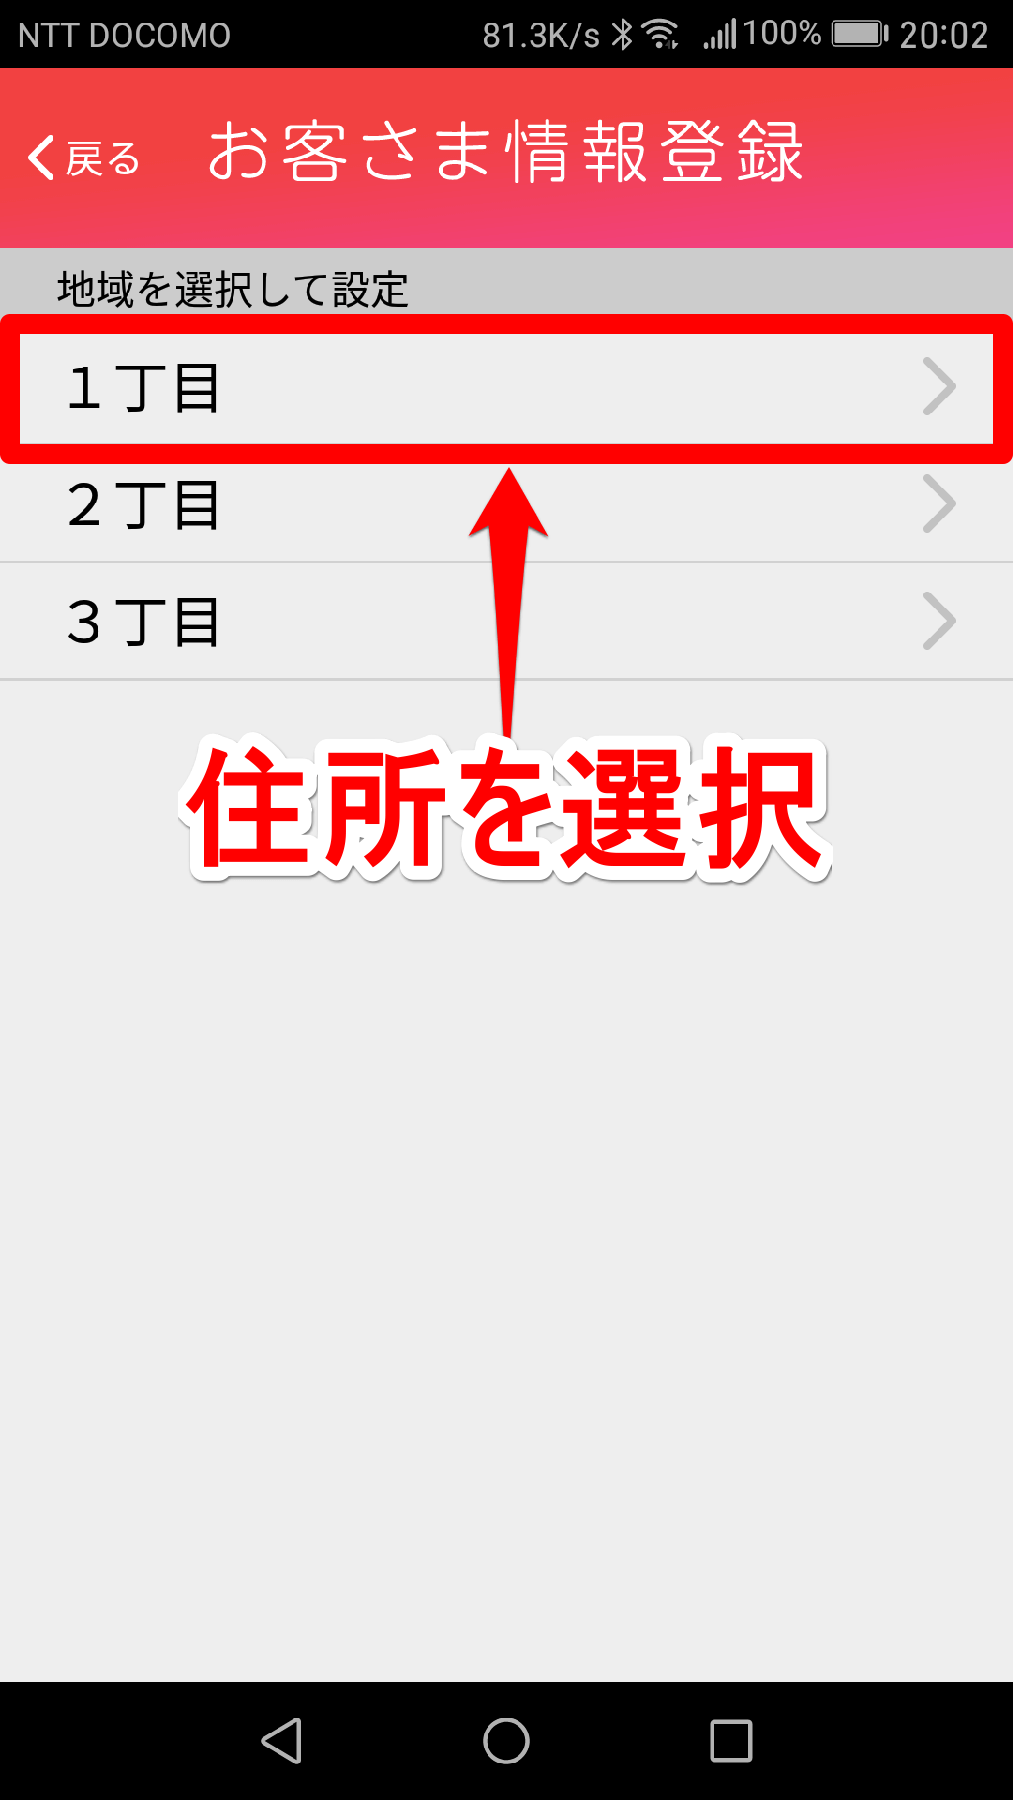 [TEPCO速報]アプリの「お客様情報登録」画面の地域設定画面その4